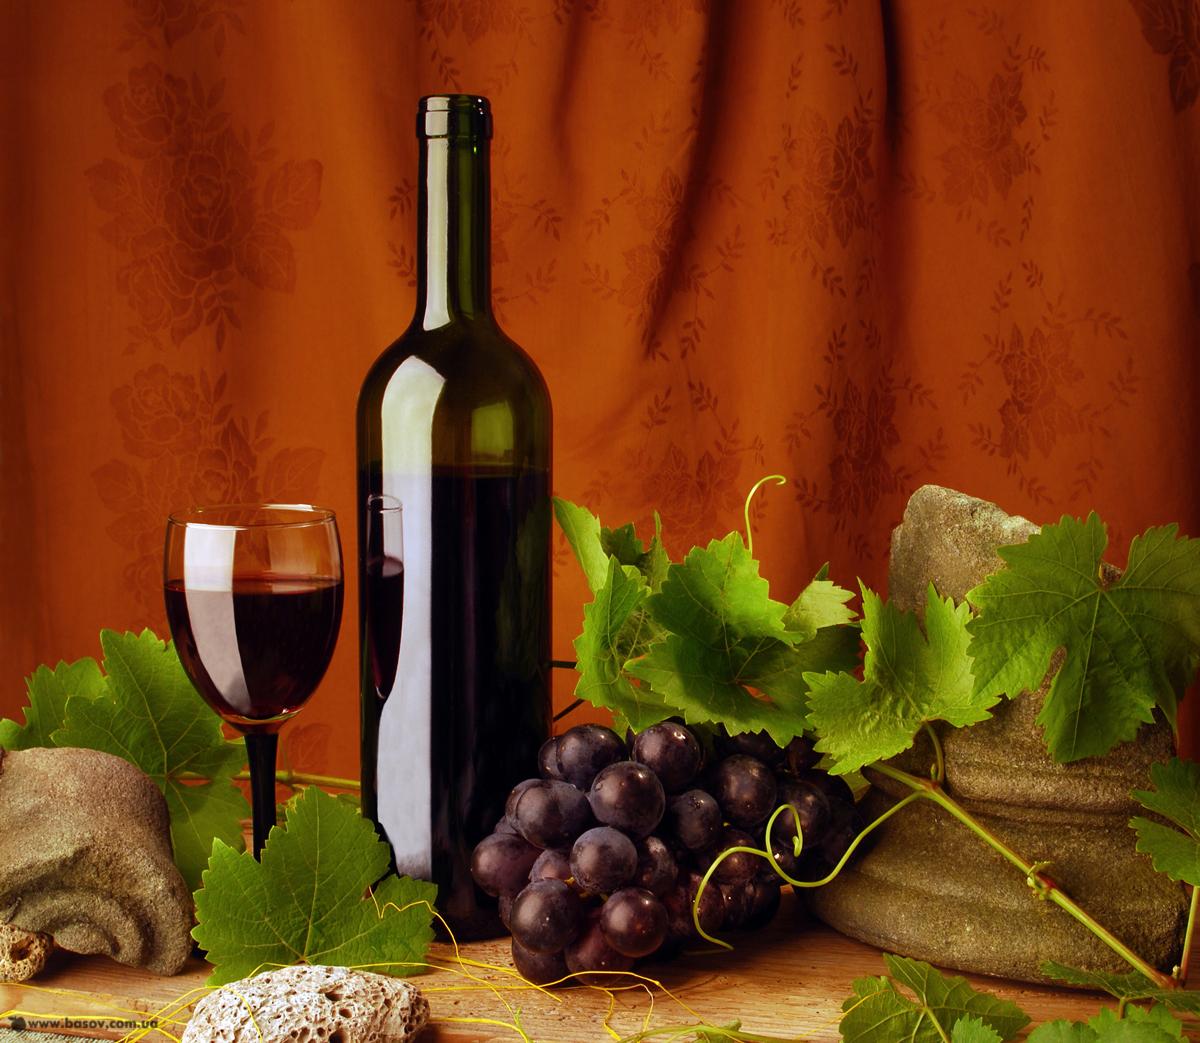 бутылка вина, красное вино в бутылках, скачать фото, виноград, натюрморт